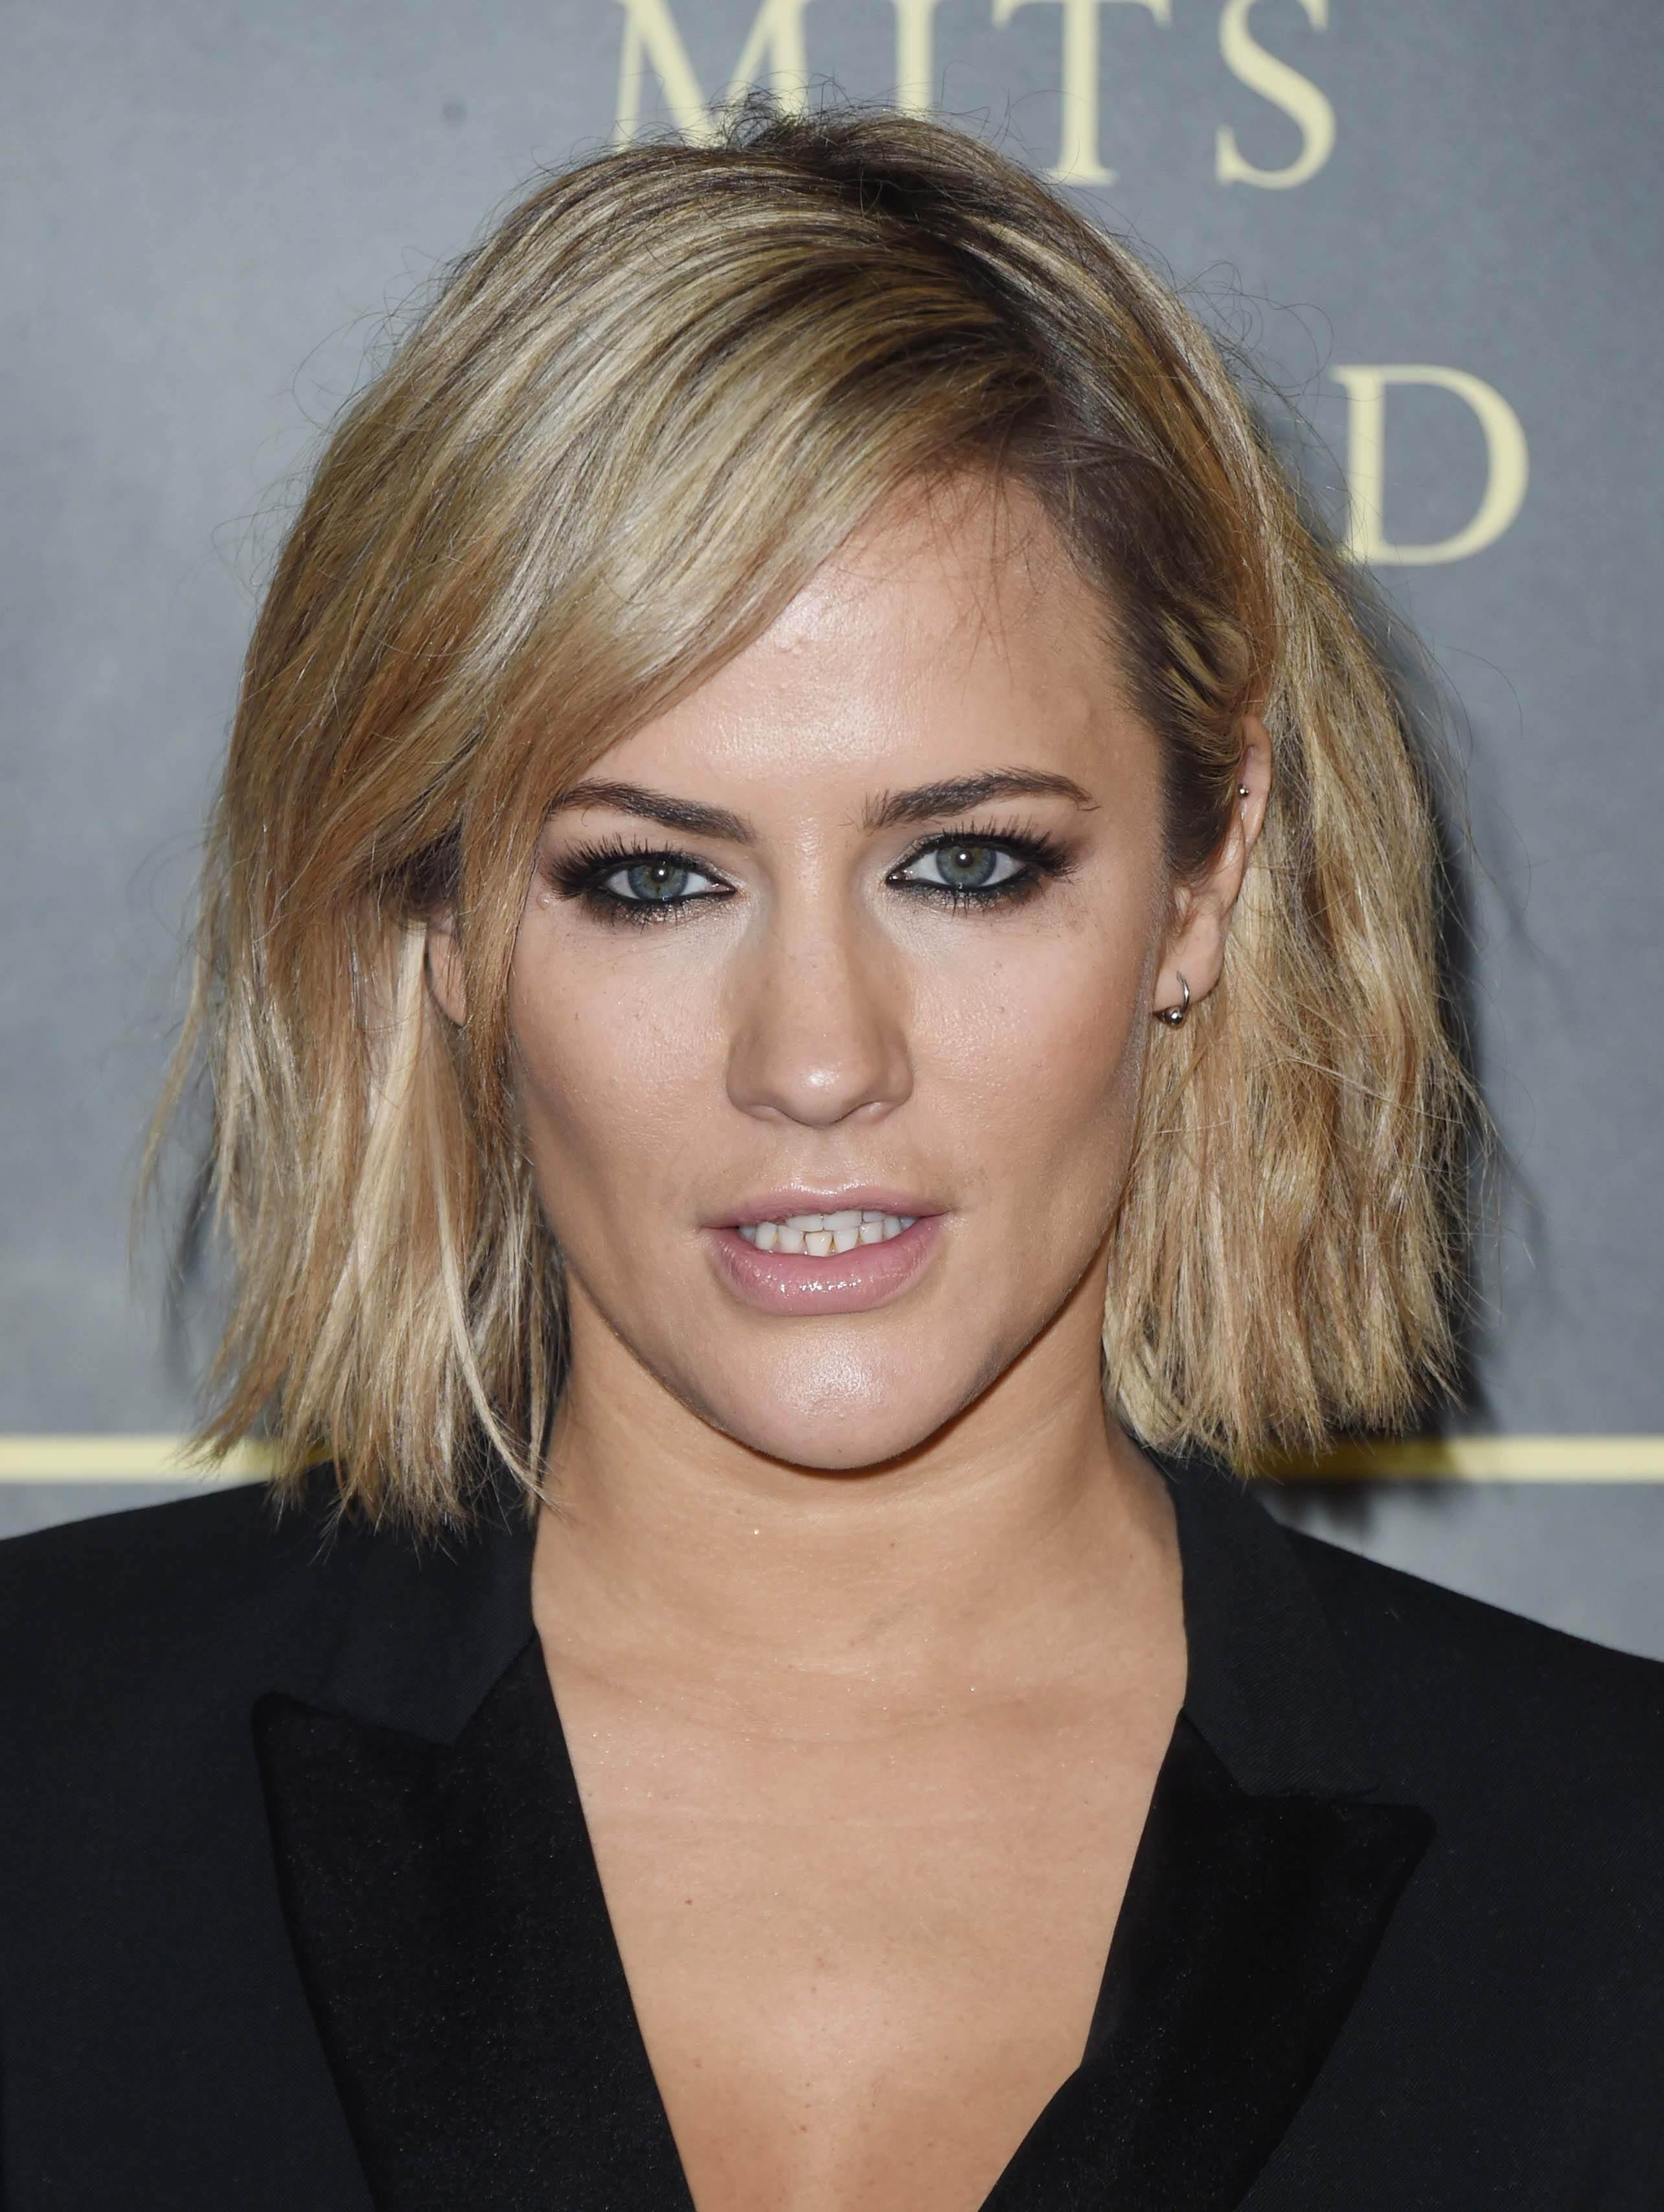 caroline flacks hair hair extensions blog hair tutorials hair collection of caroline flack bob haircut why blonde is